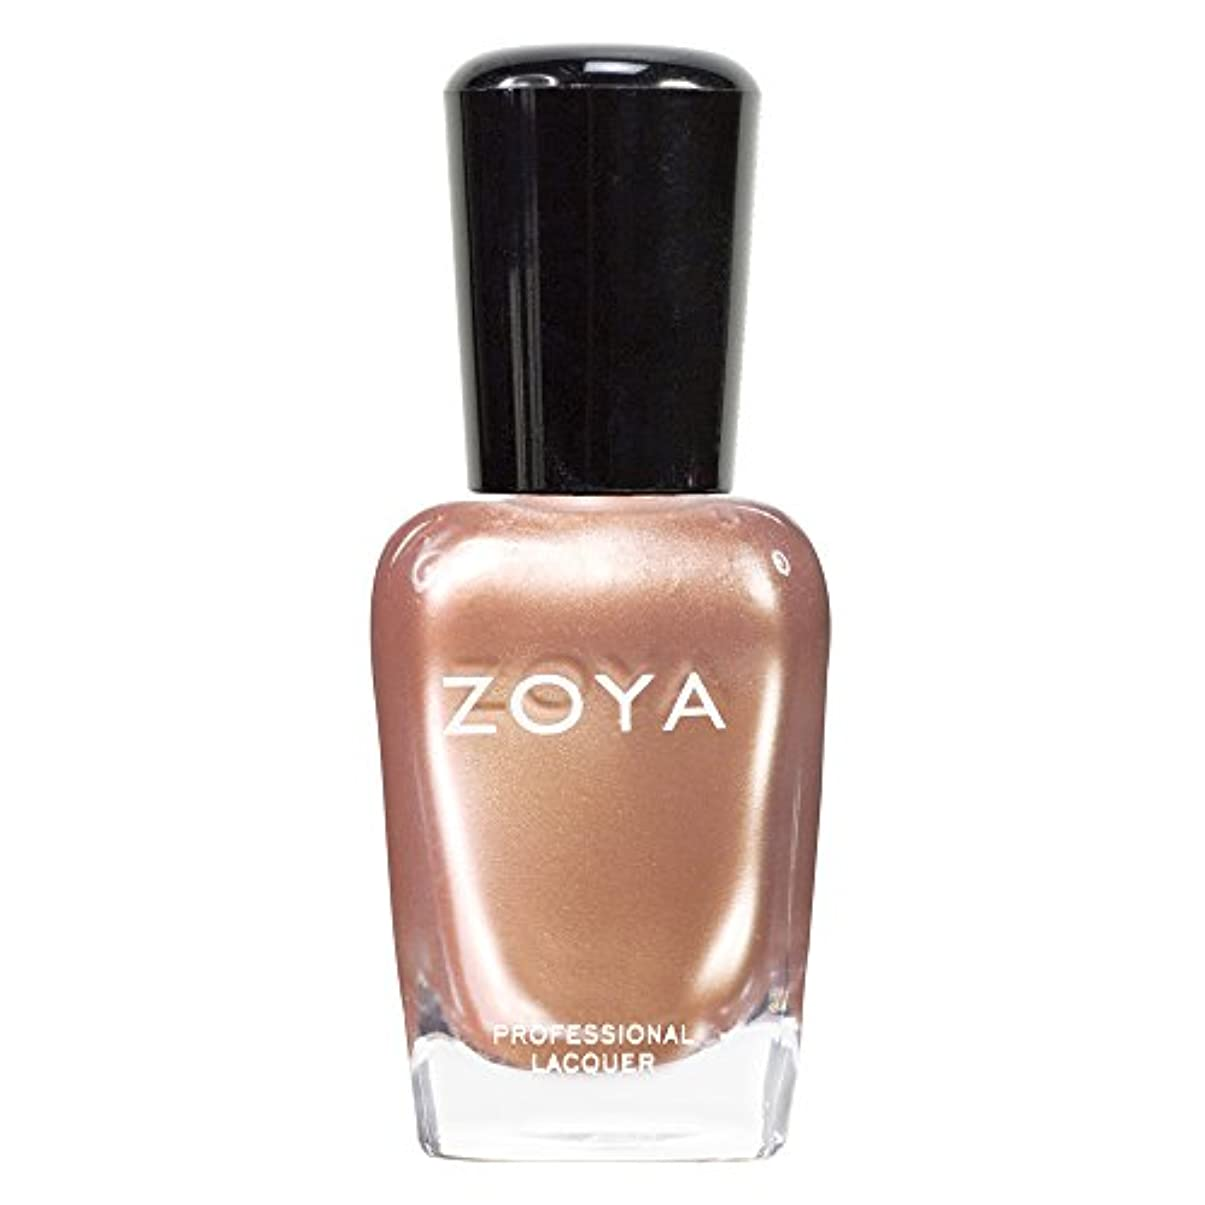 放出健康端ZOYA ゾーヤ ネイルカラーZP431 AUSTINE オースティン 15ml 上品なゴールド パール/メタリック 爪にやさしいネイルラッカーマニキュア